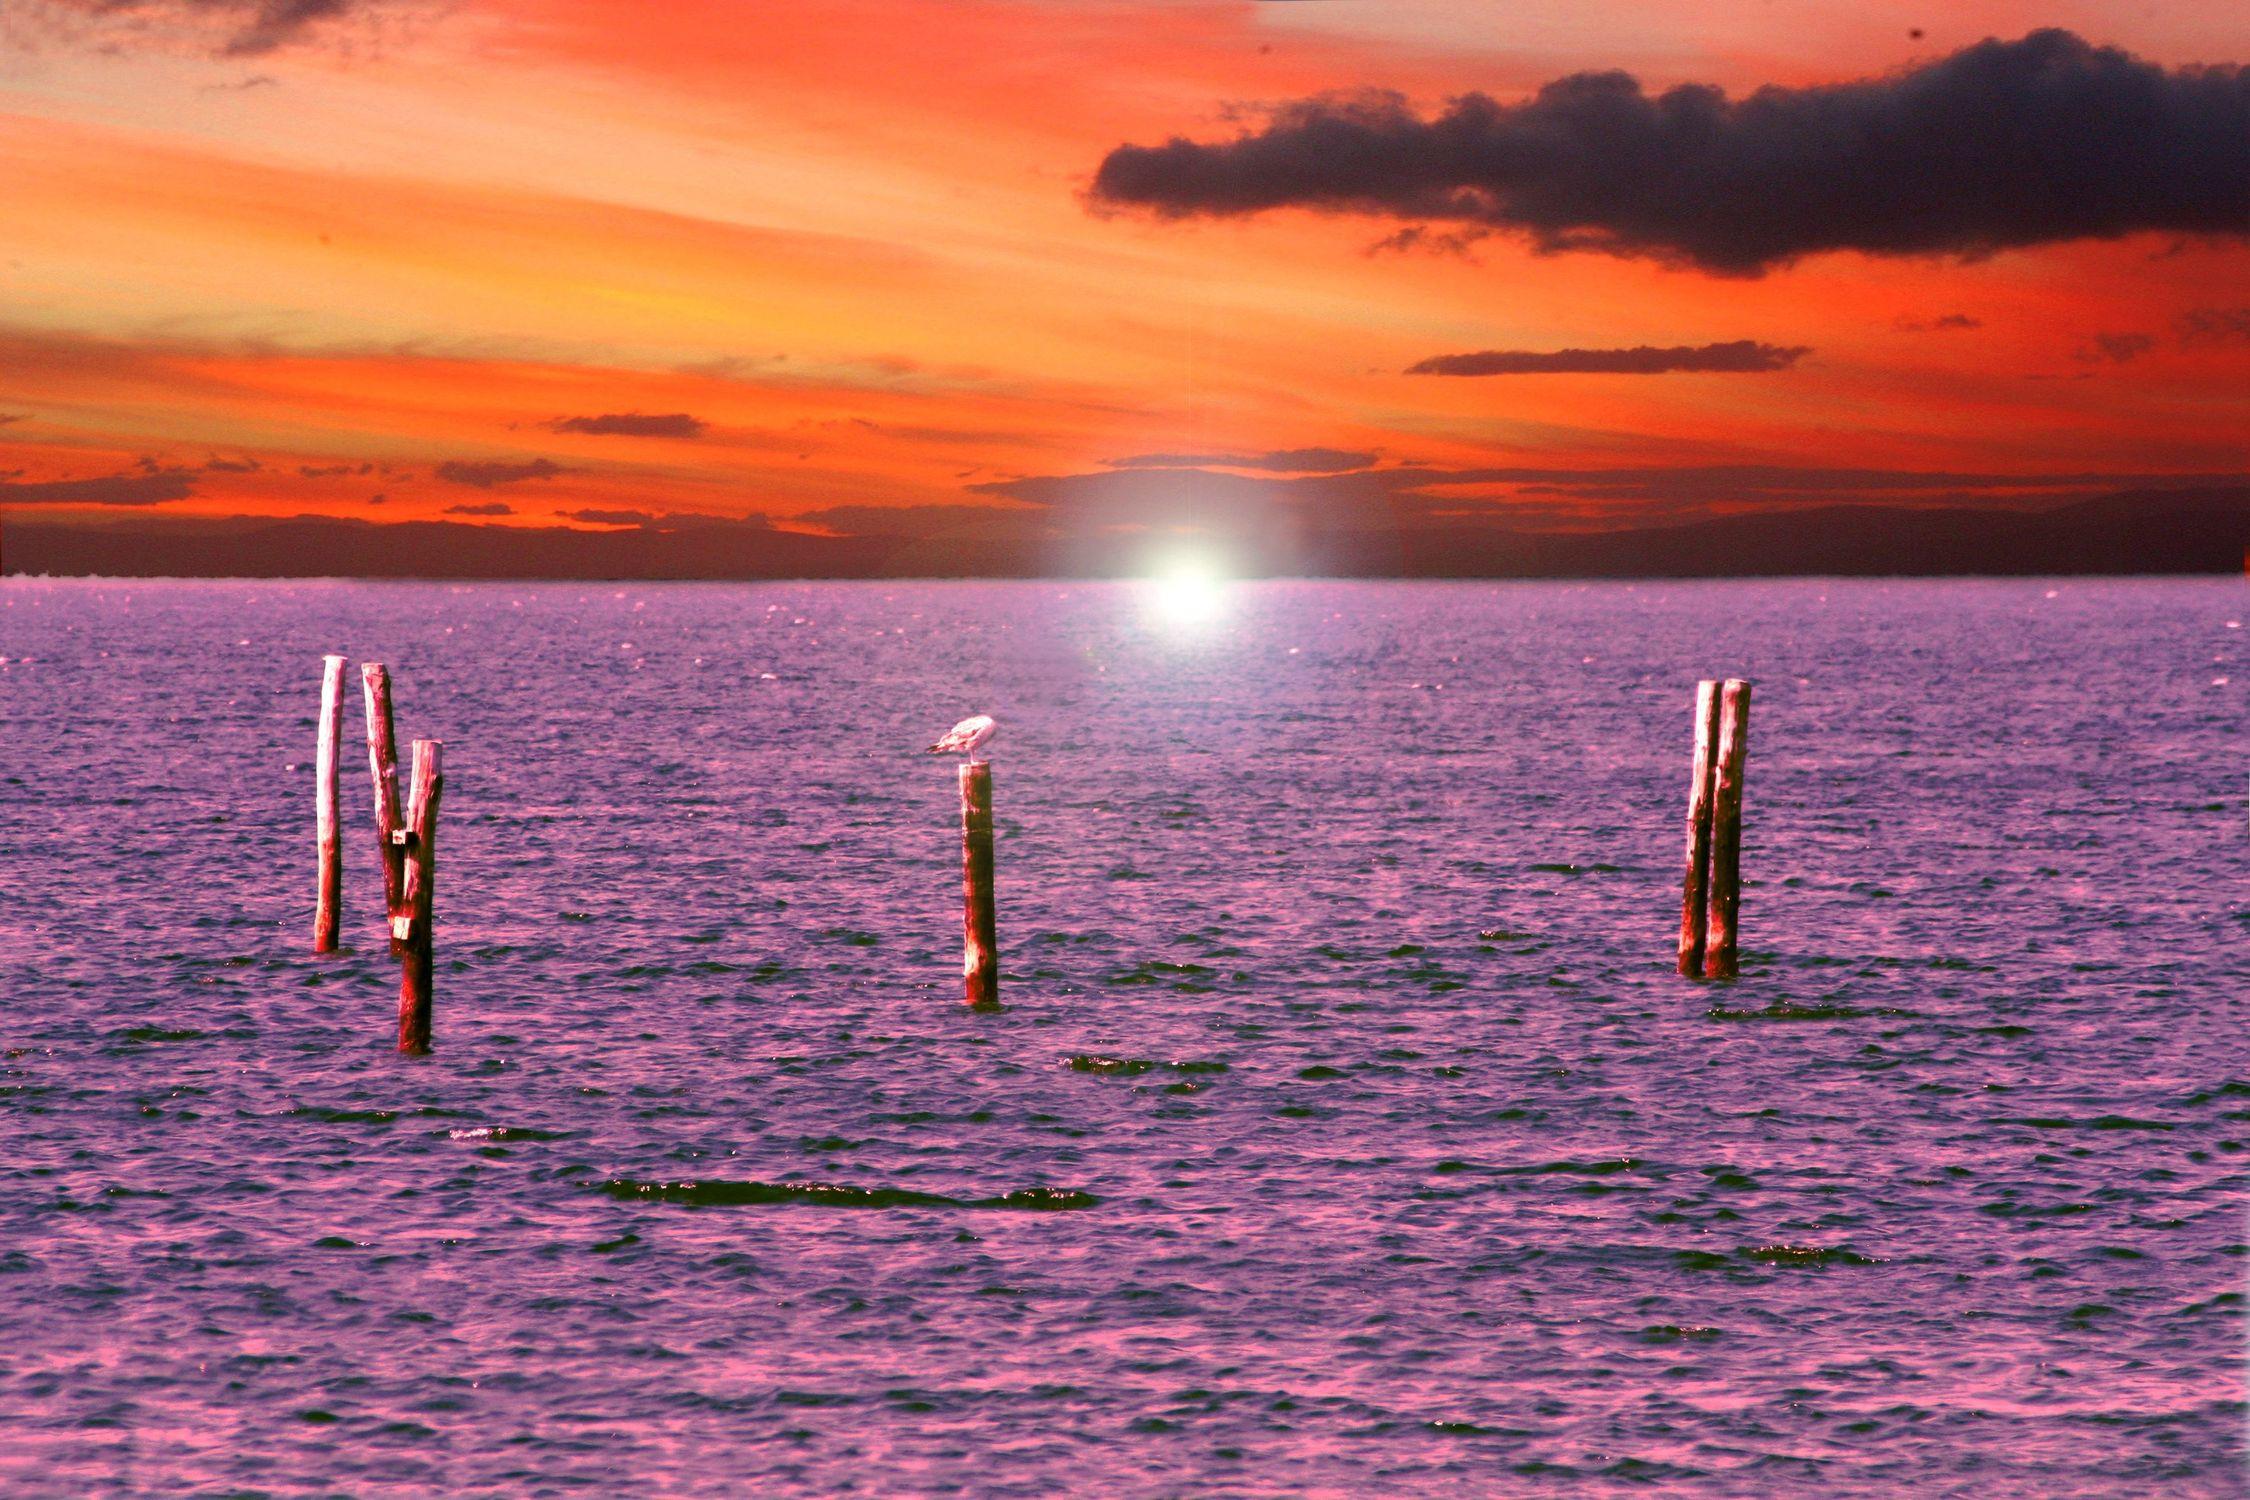 Bild mit Natur, Elemente, Wasser, Landschaften, Himmel, Wolken, Gewässer, Küsten und Ufer, Meere, Horizont, Brandung, Wellen, Sonnenuntergang, Aktivitäten, Urlaub, Sonnenaufgang